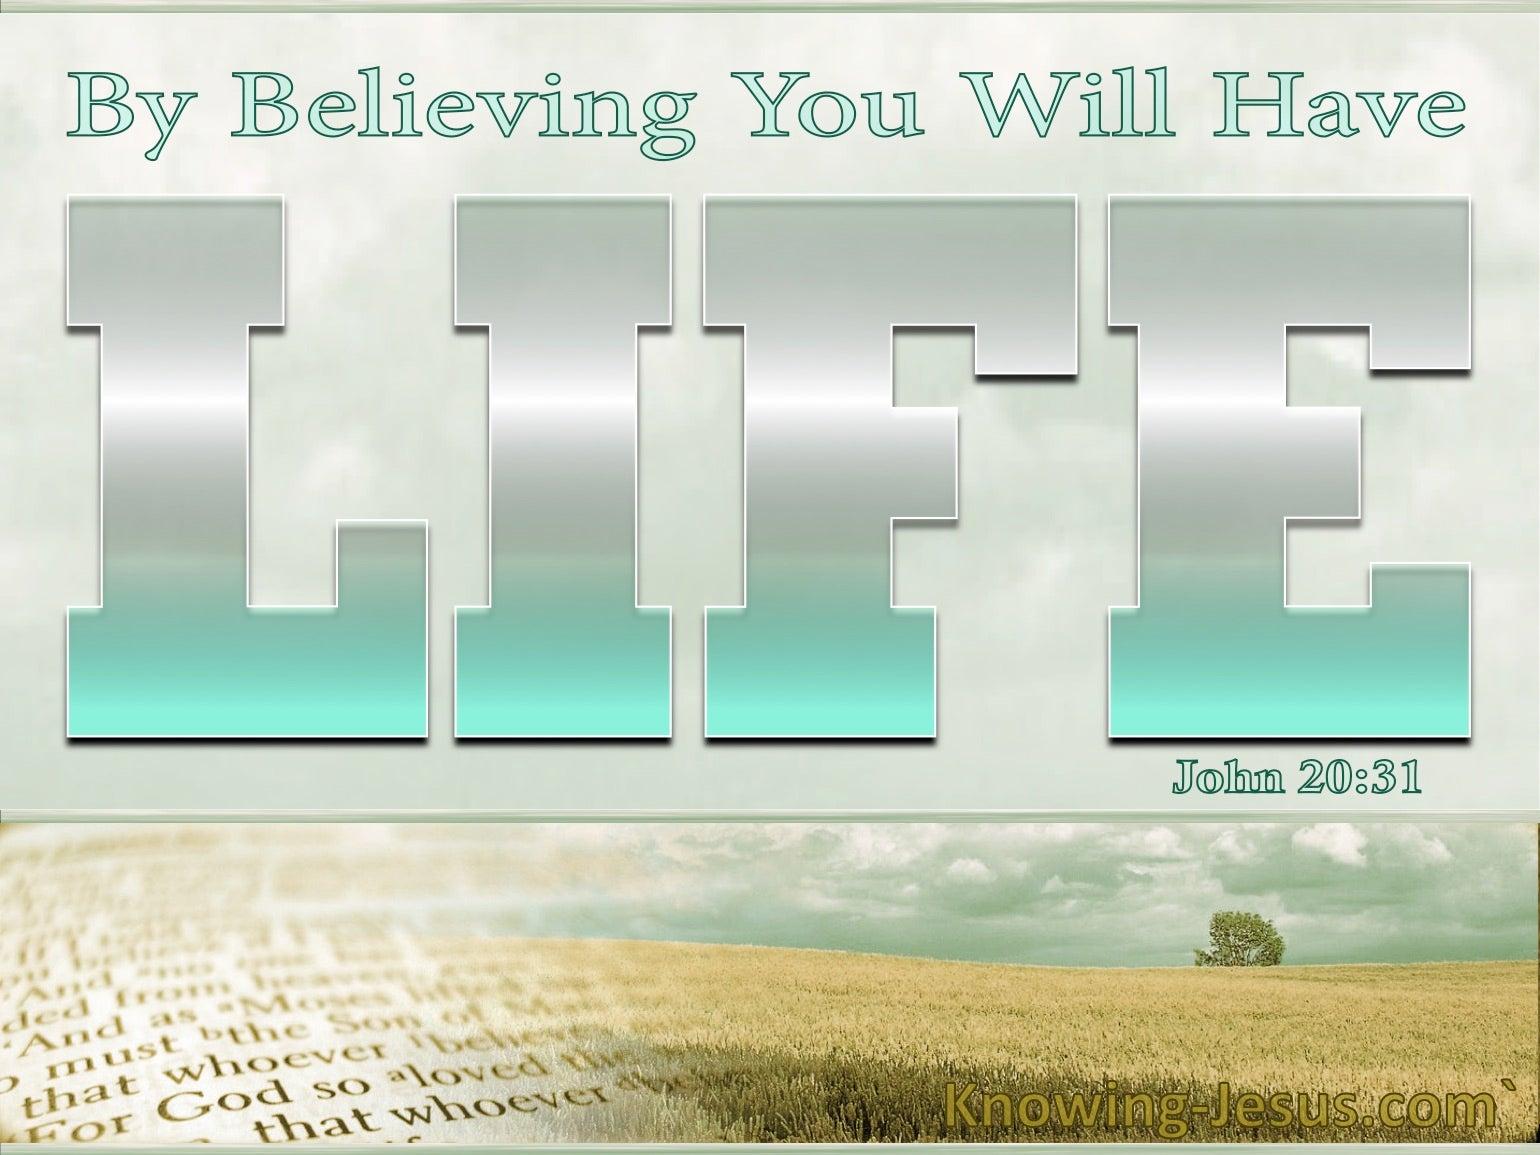 John 20:31